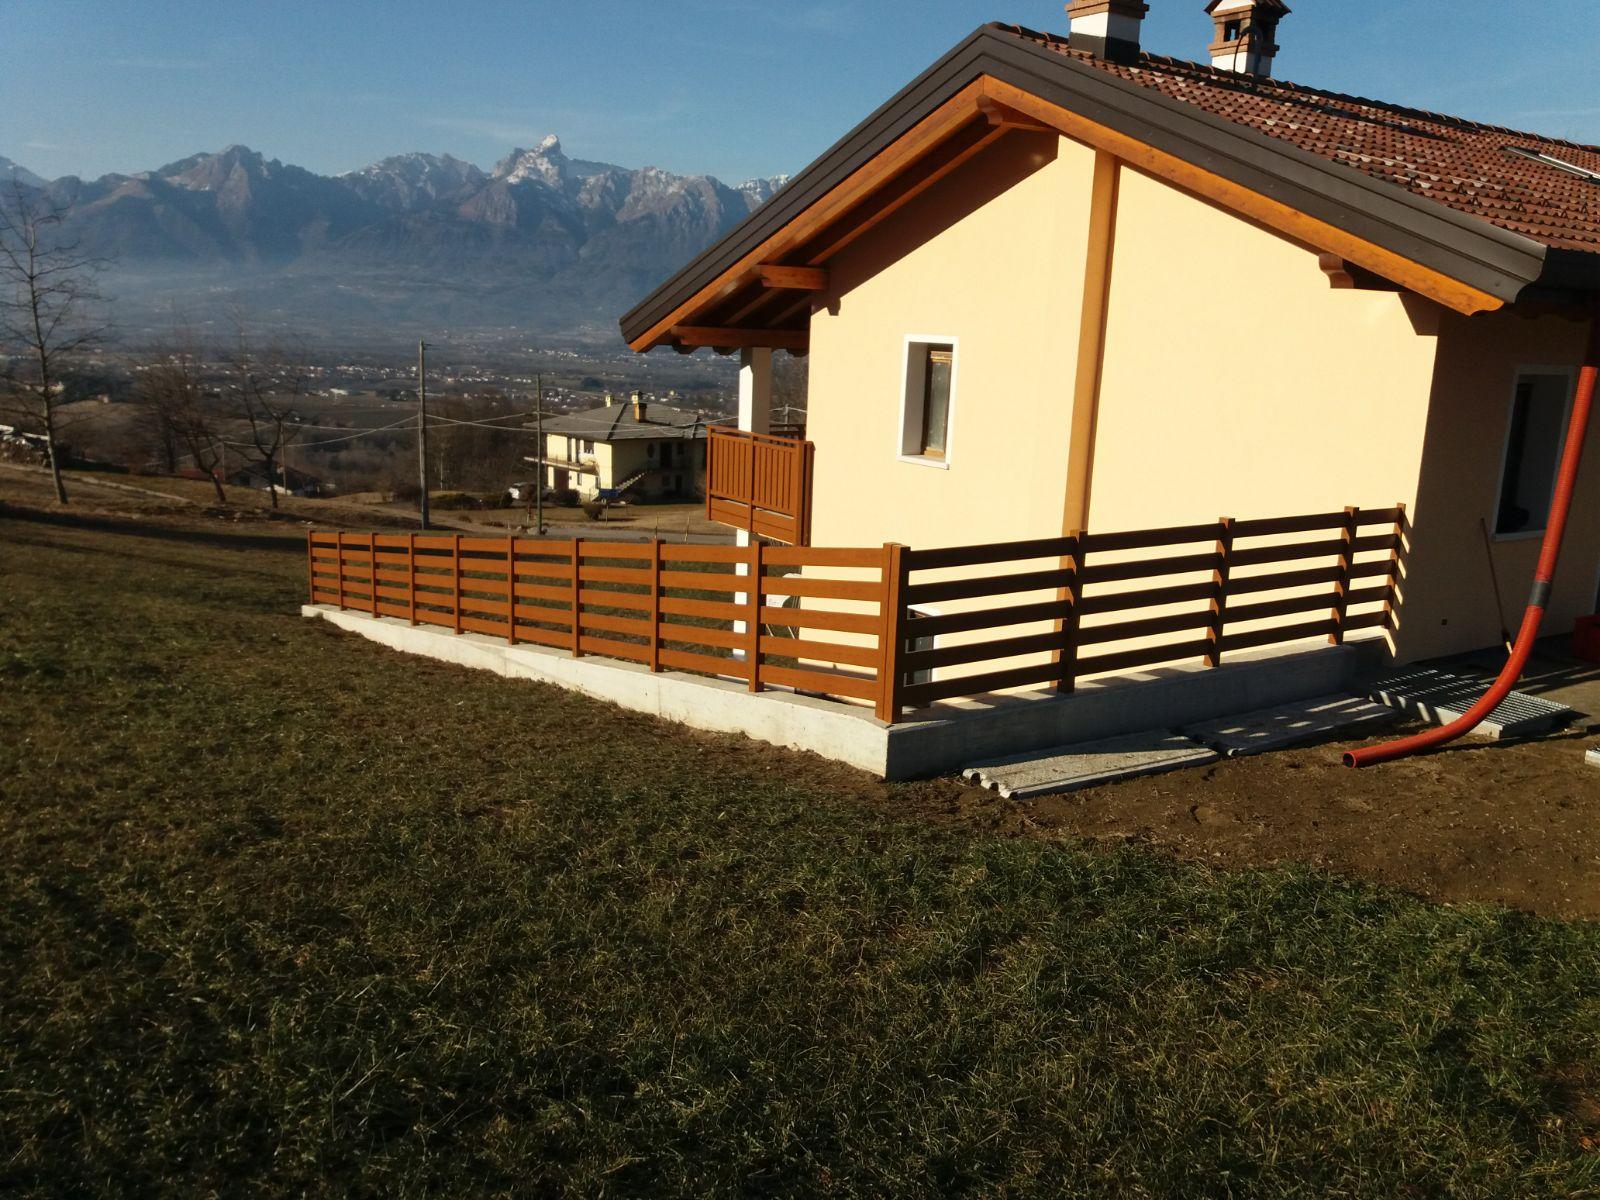 Trentino parapetti per balconi e recinzioni esterne - Rivestimenti balconi esterni ...